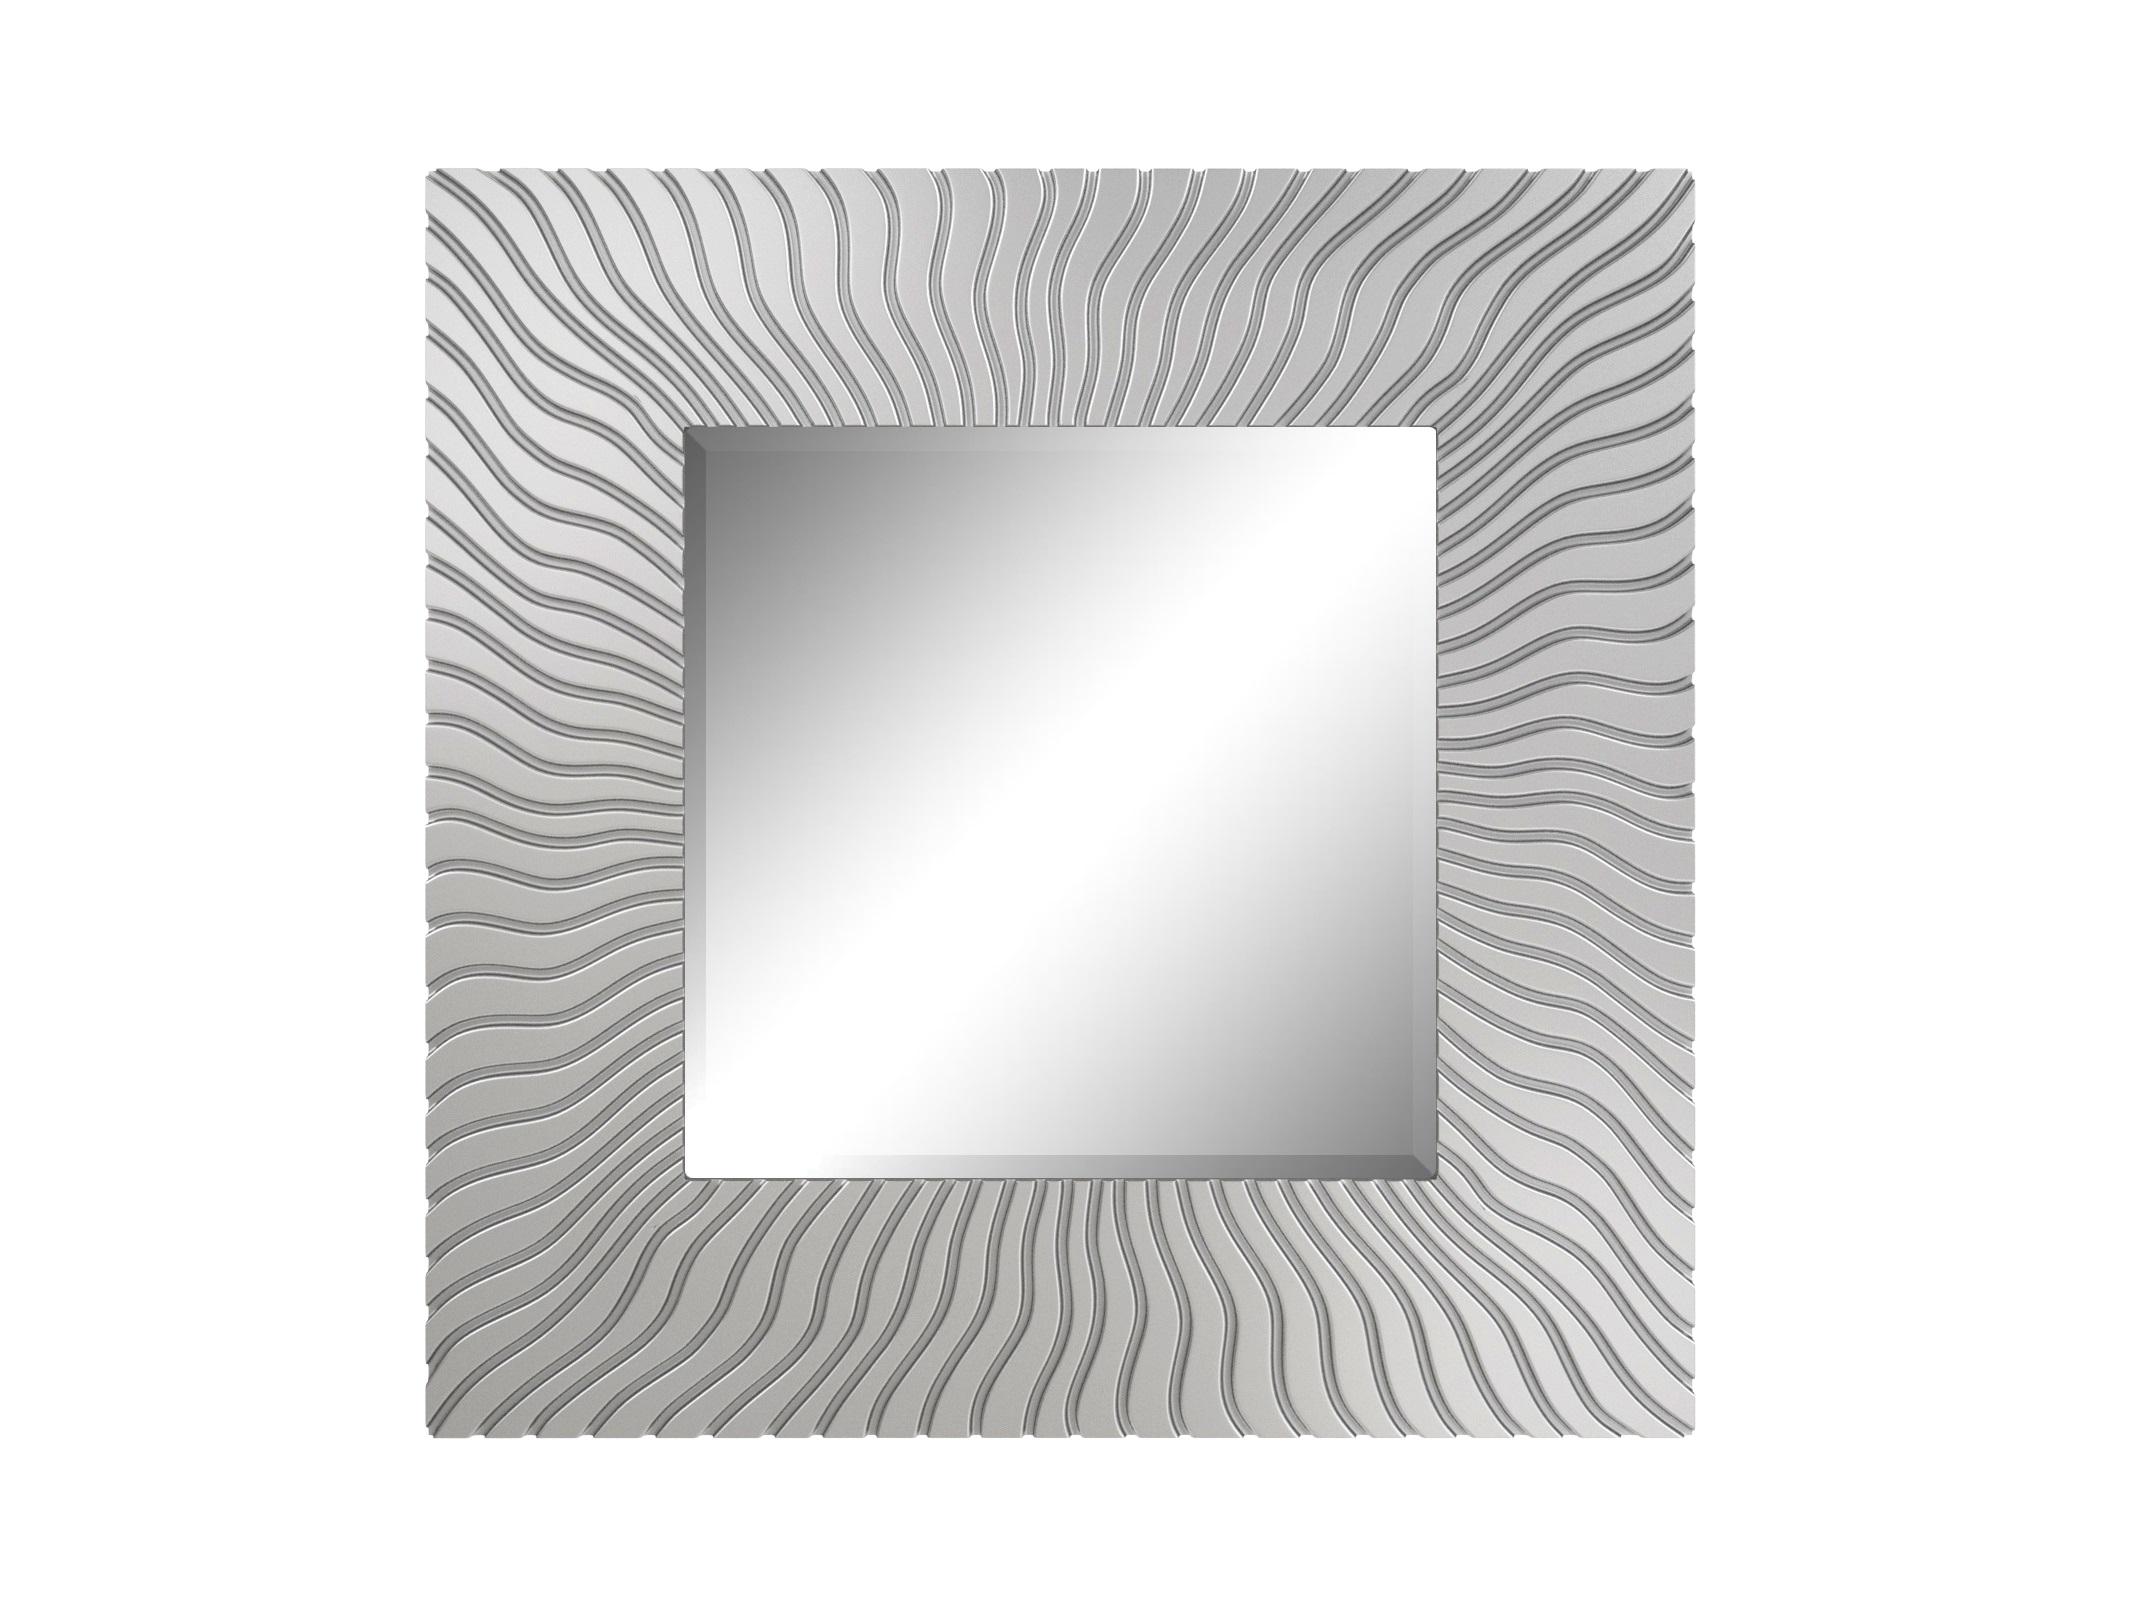 Зеркало Ambicioni 15437934 от thefurnish